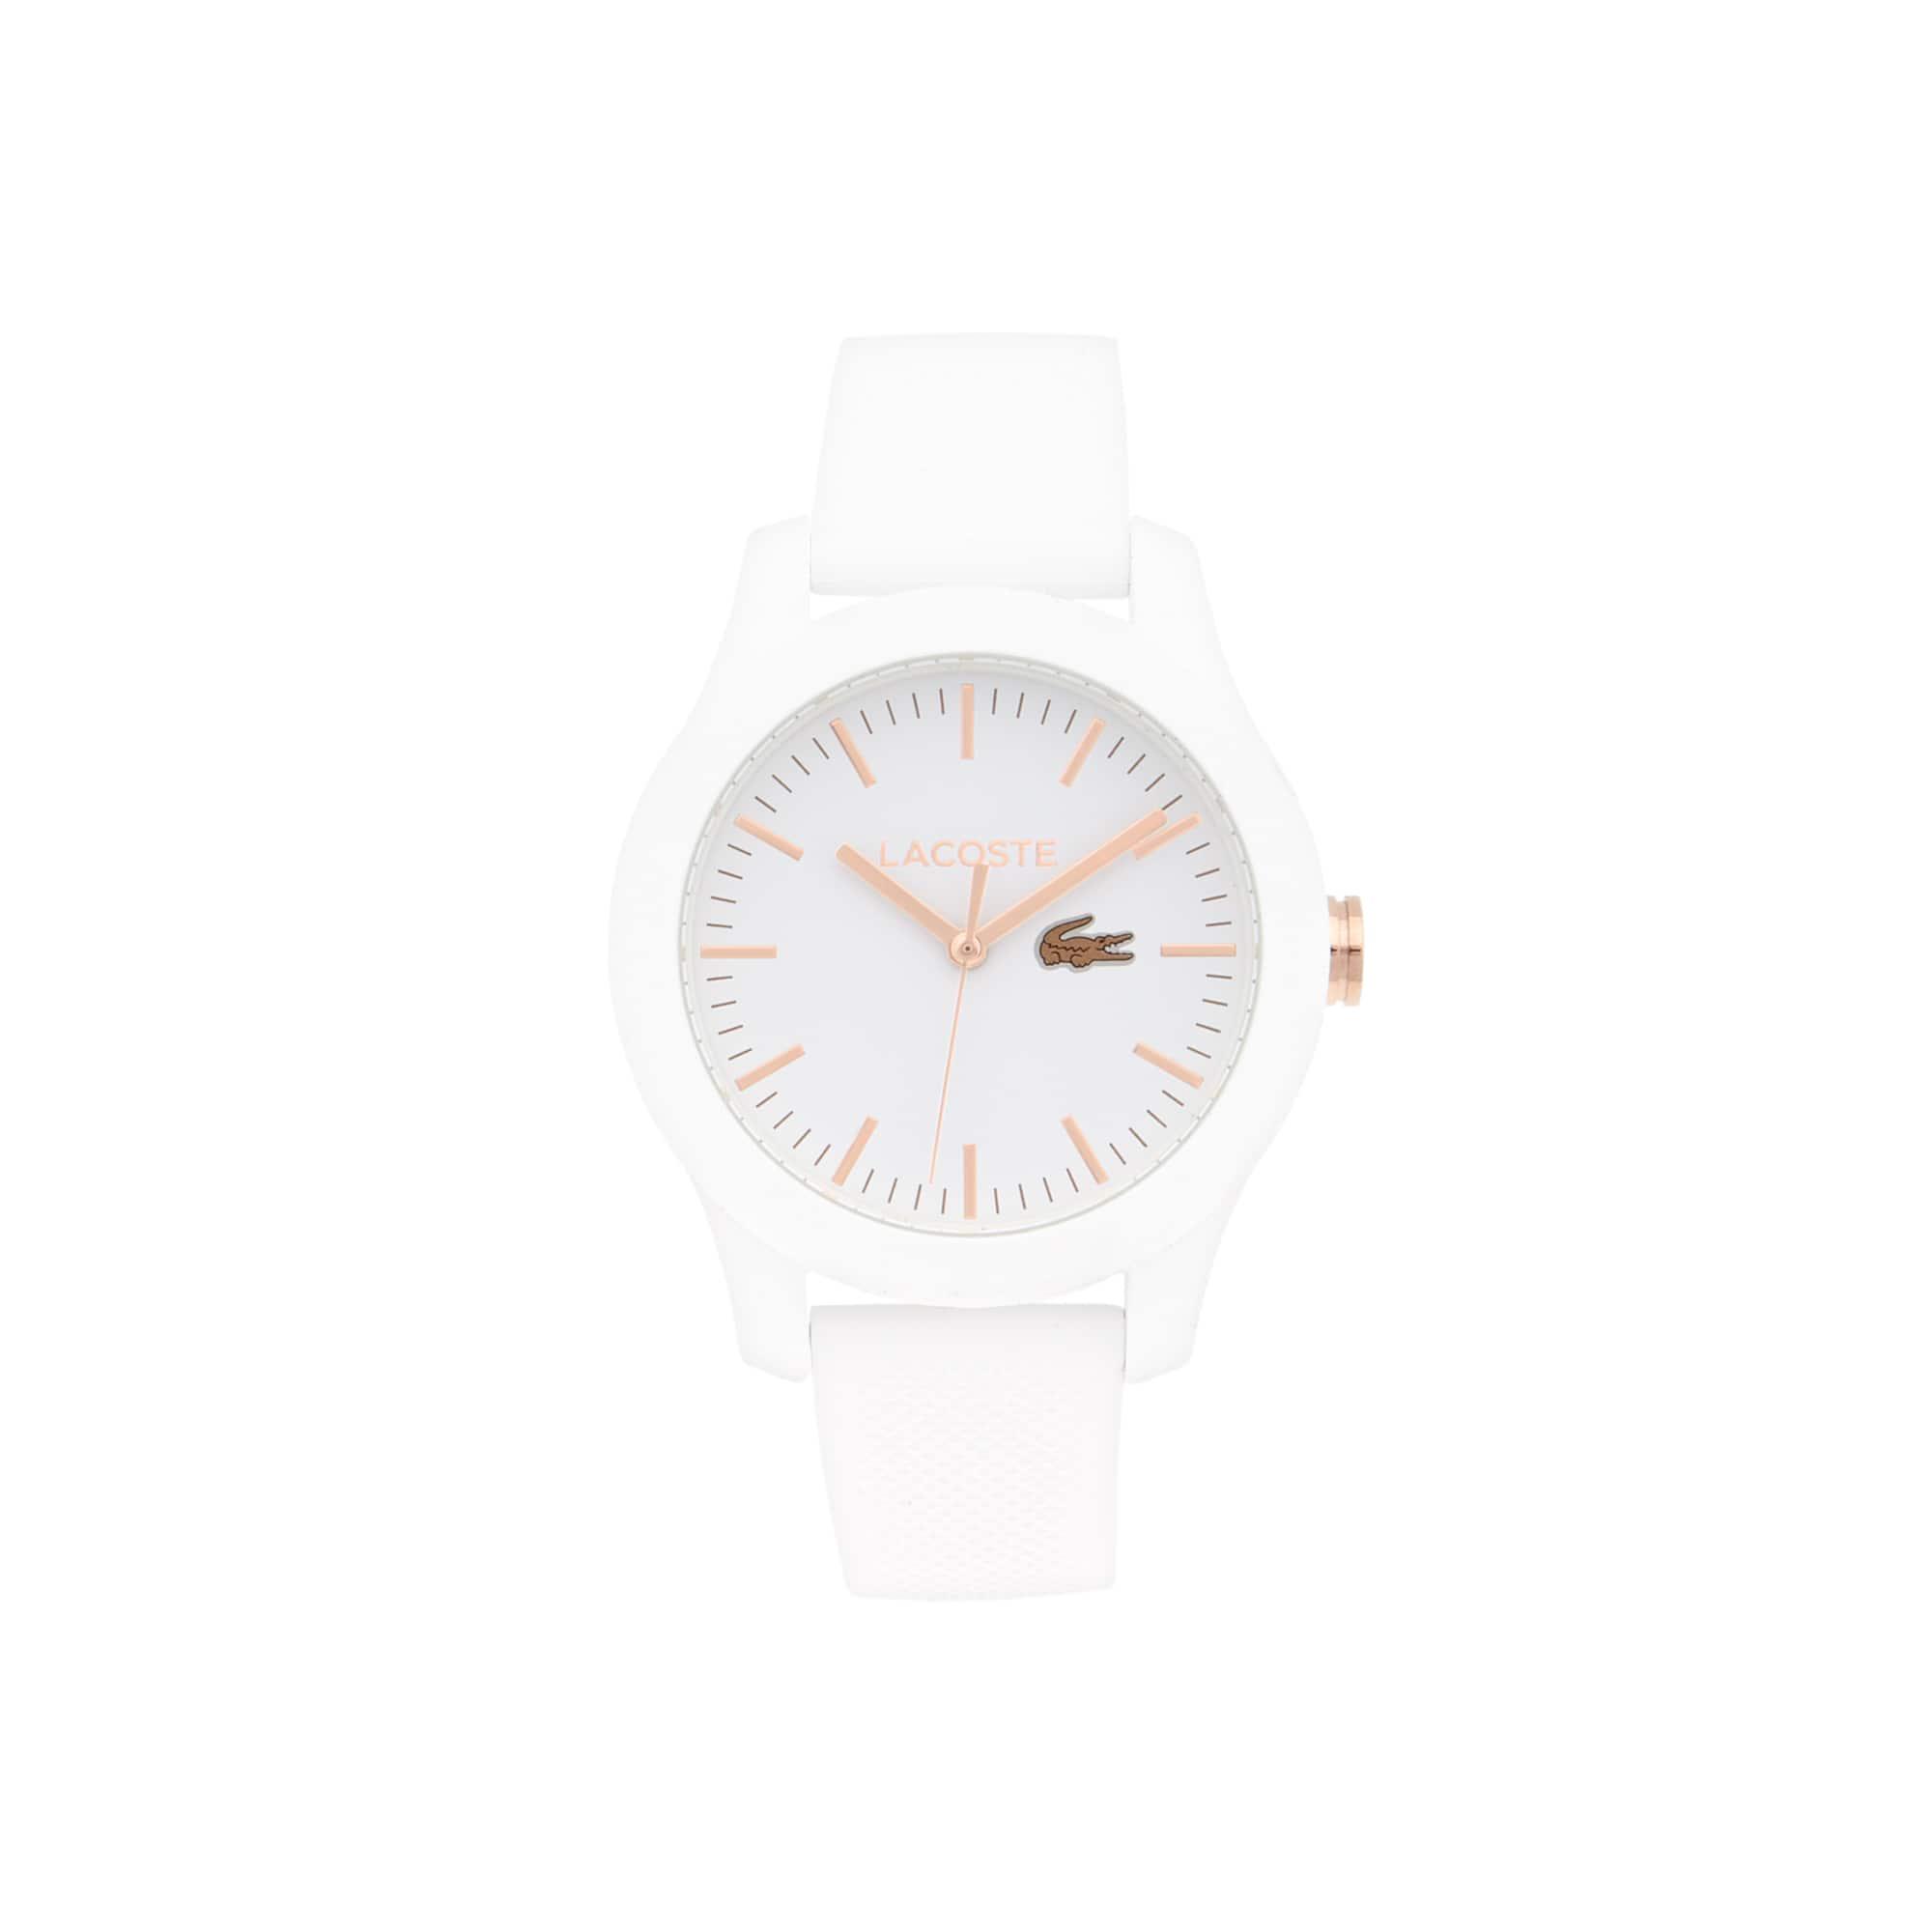 Montre Lacoste12.12 Femme avec Bracelet Blanc en Silicone